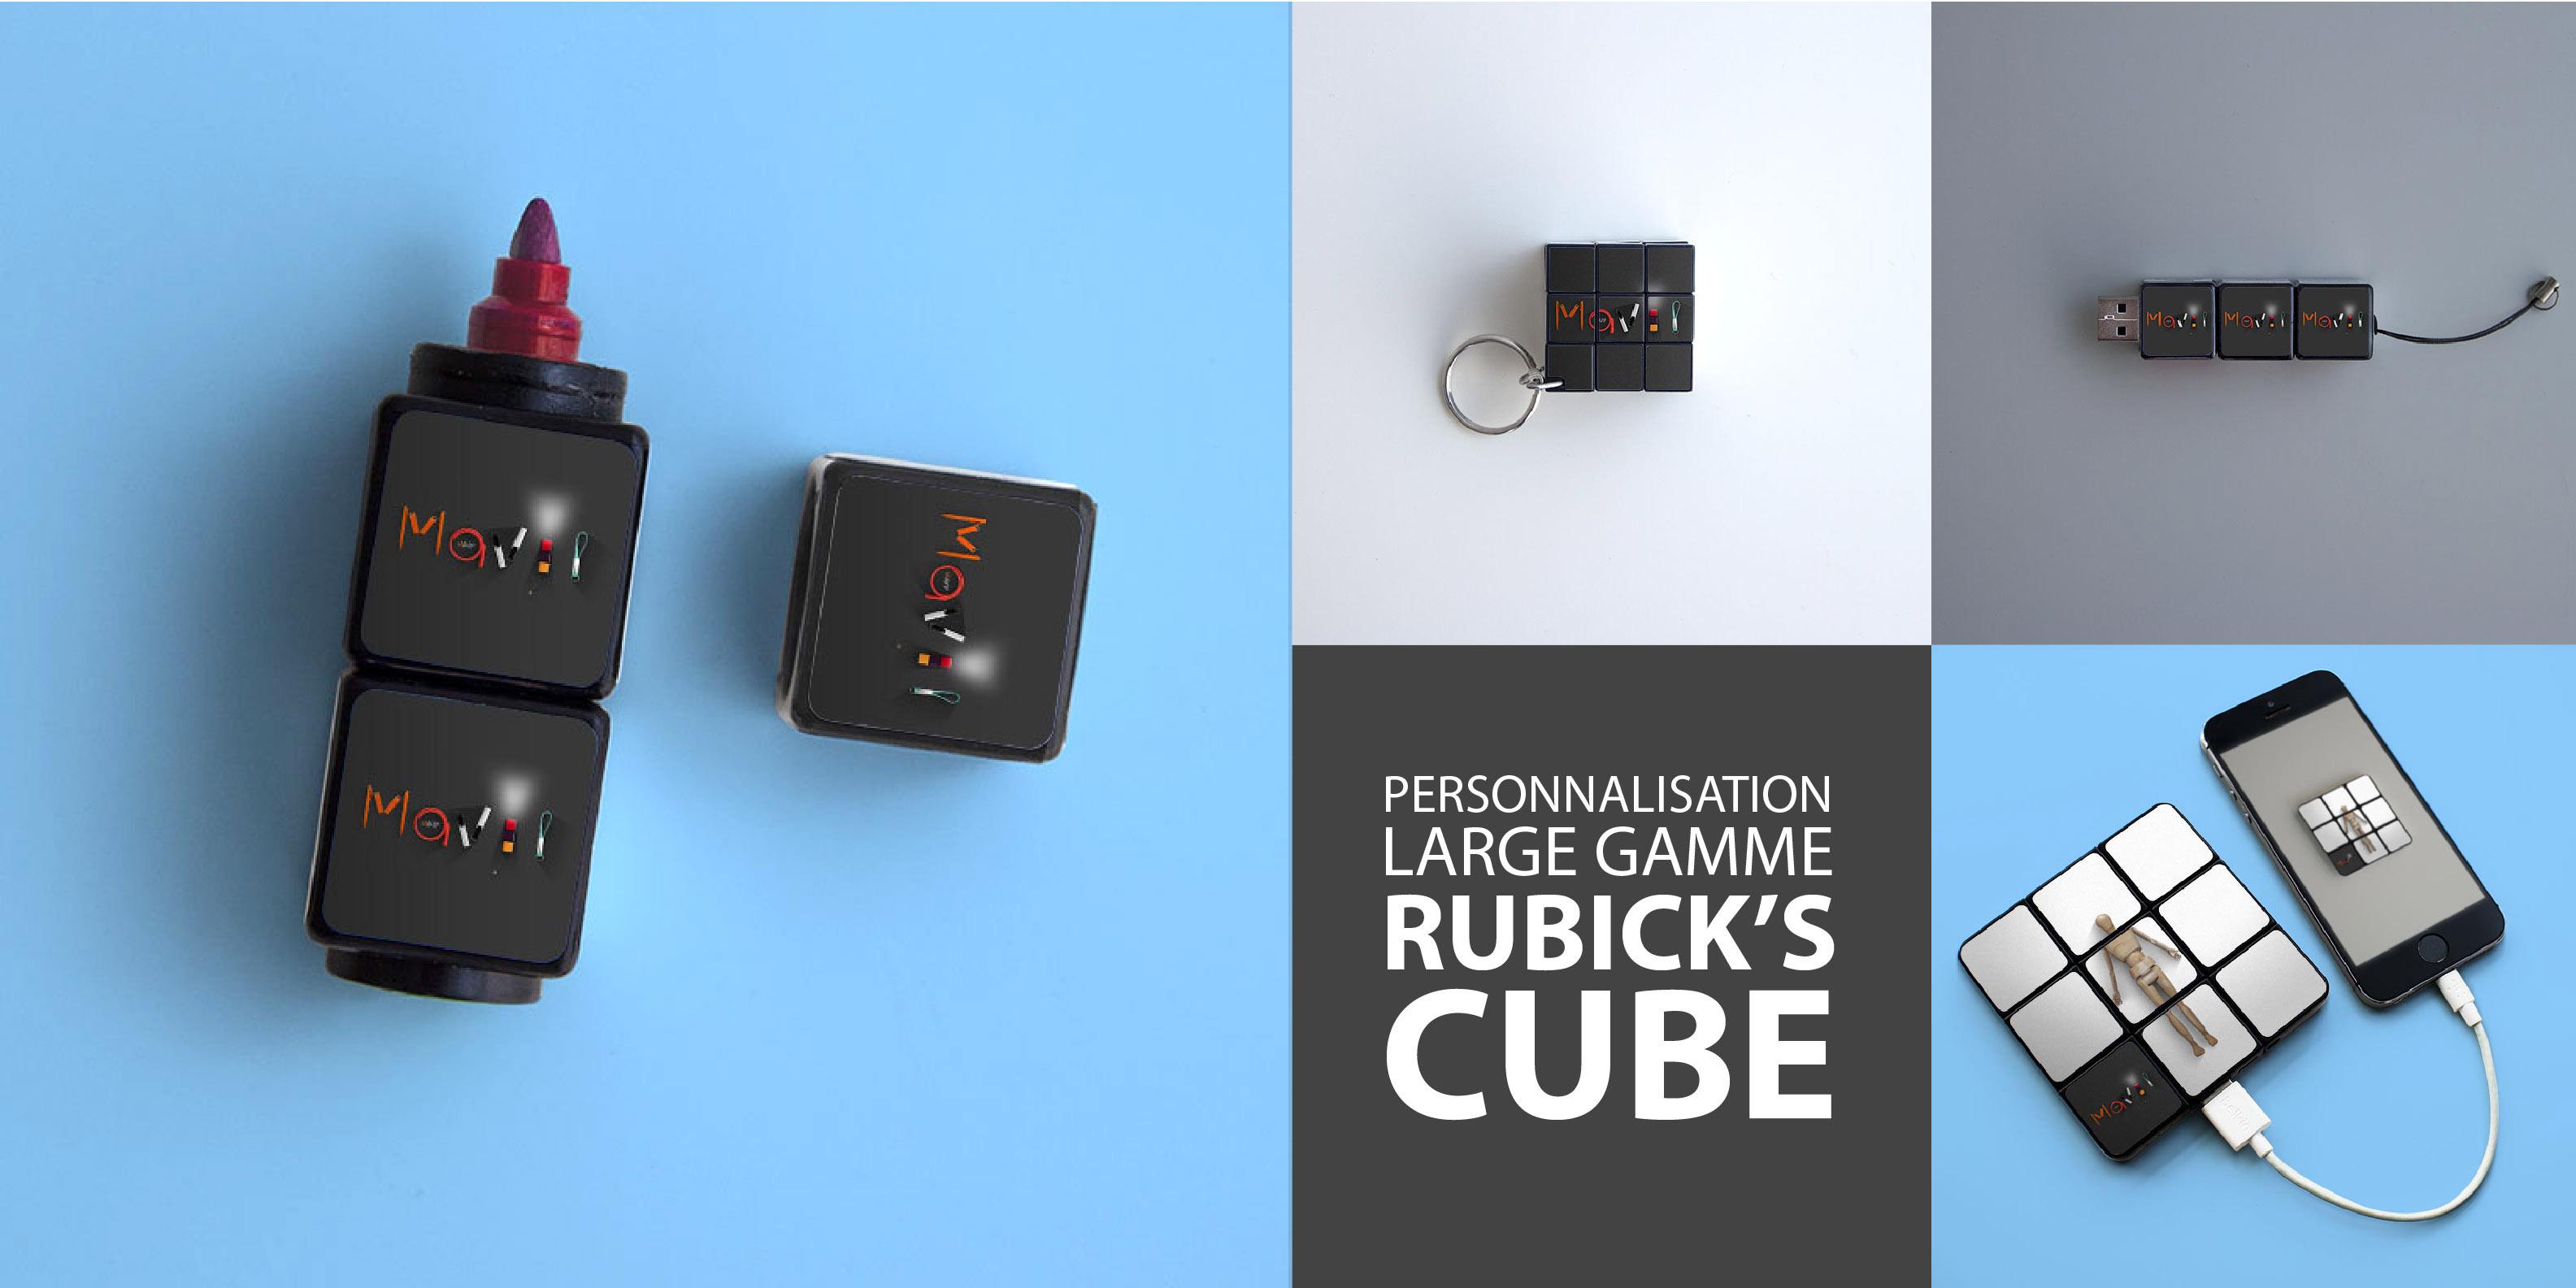 Personnalisation d'objets publicitaires de la large gamme Rubik's cube